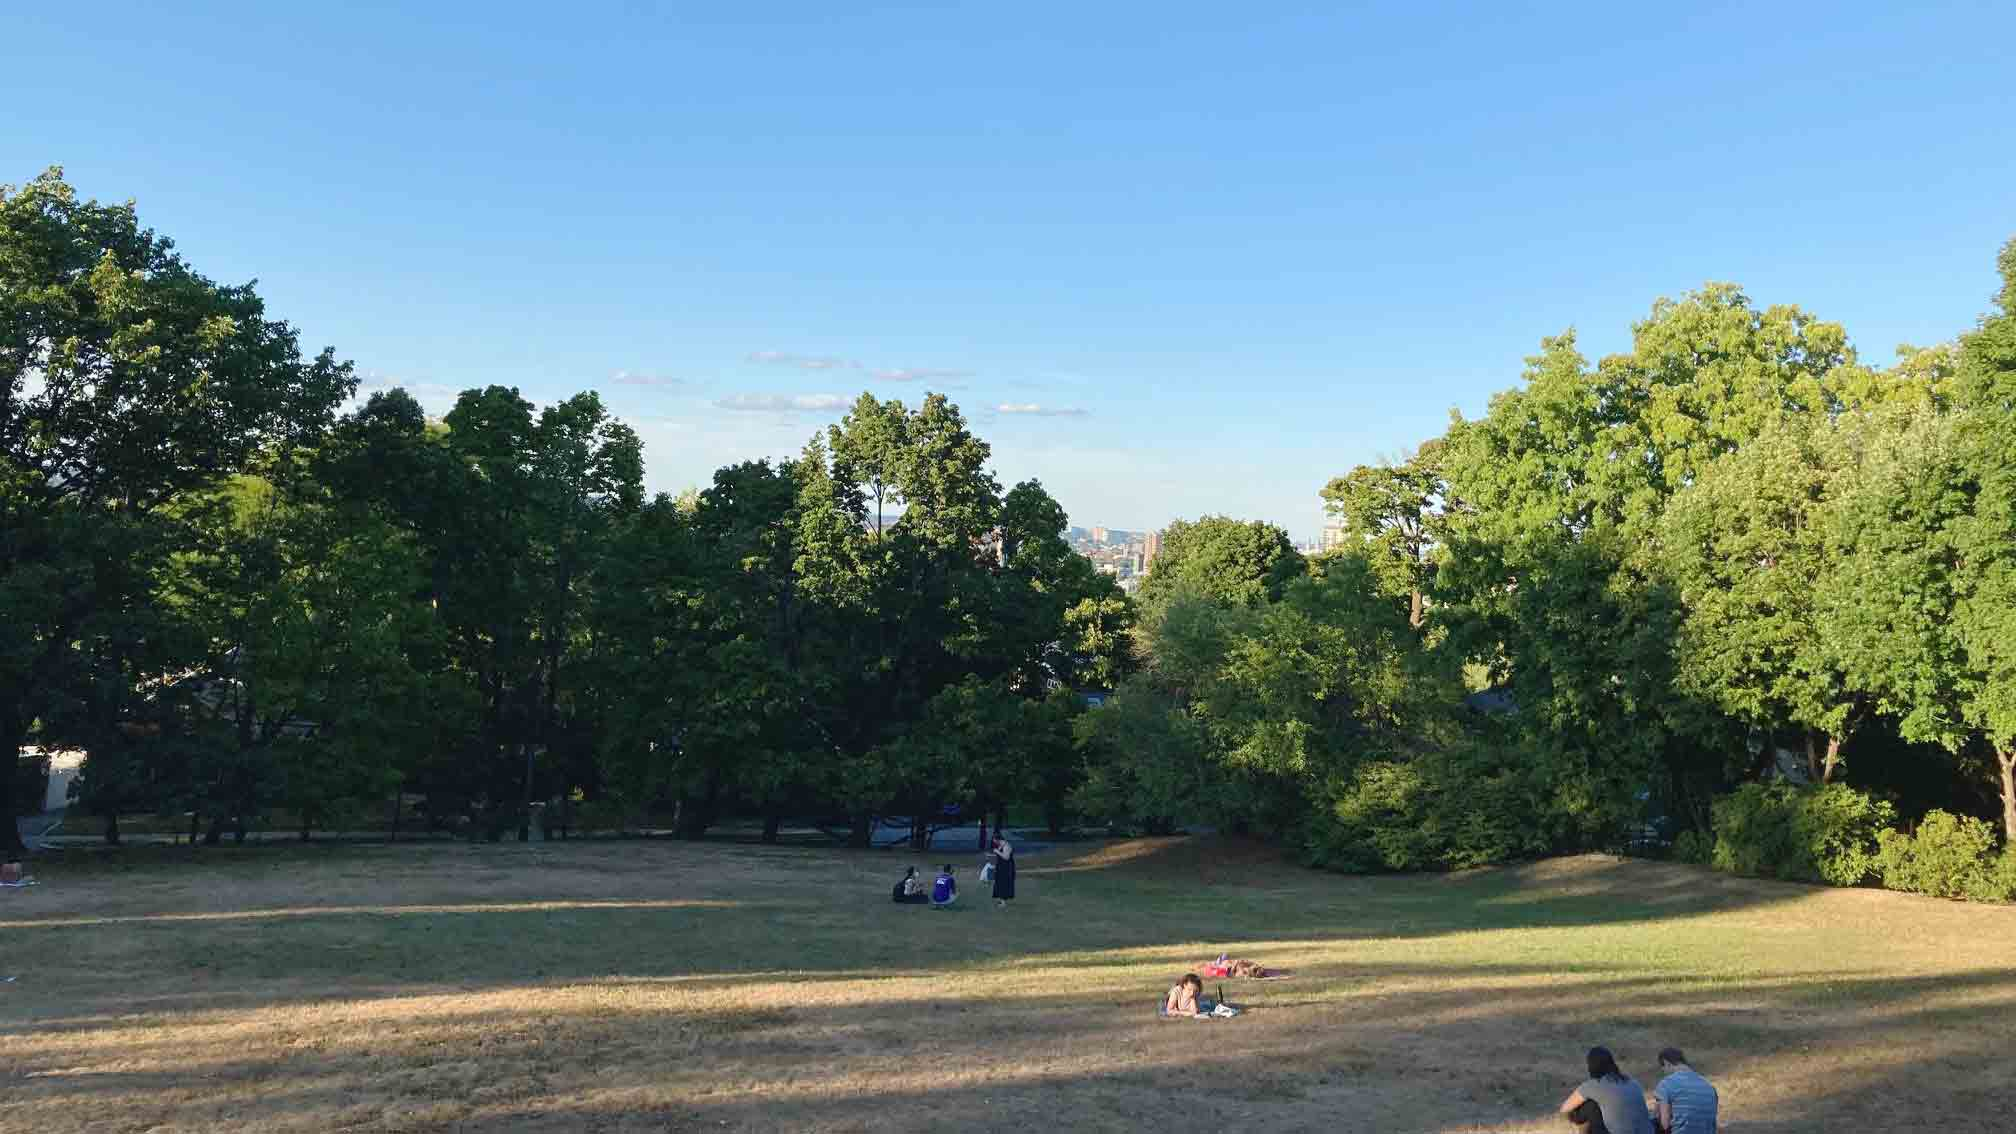 Corey Hill Playground